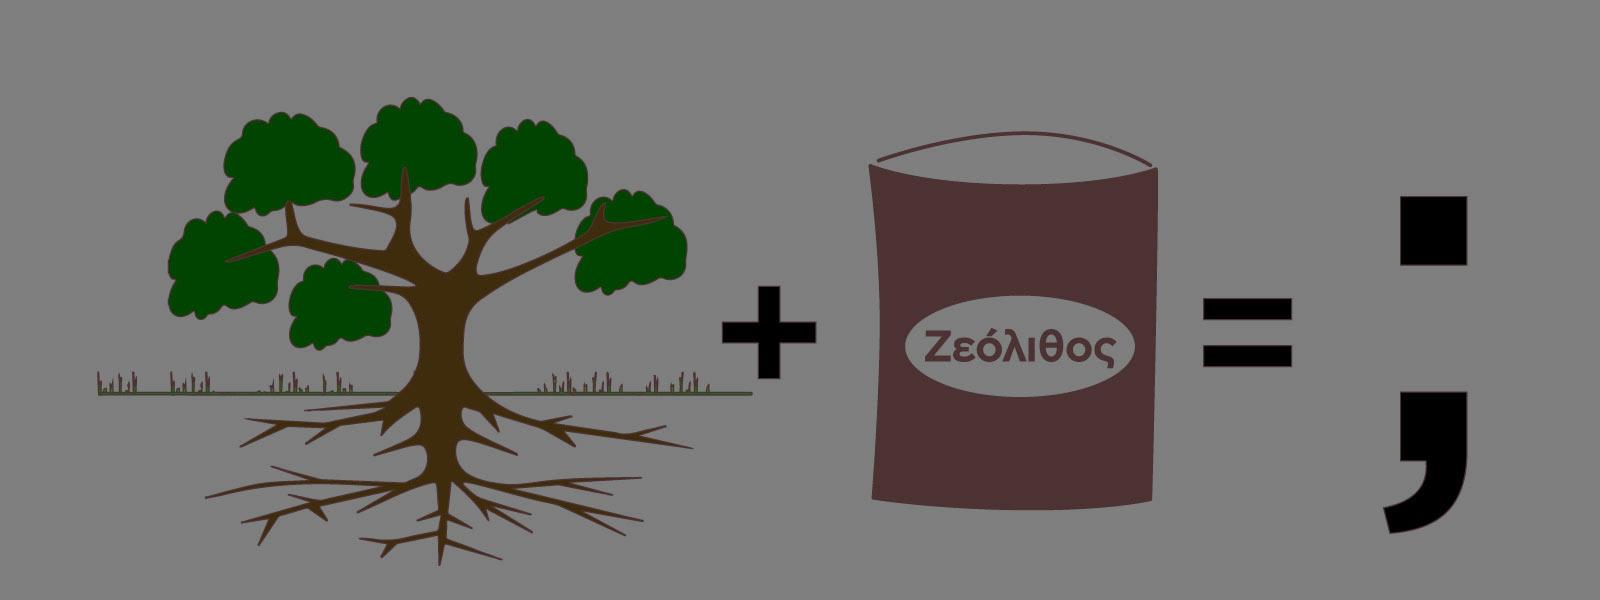 Ζεόλιθος σε υπάρχοντα δέντρα – ο σωστός τρόπος ενσωμάτωσης